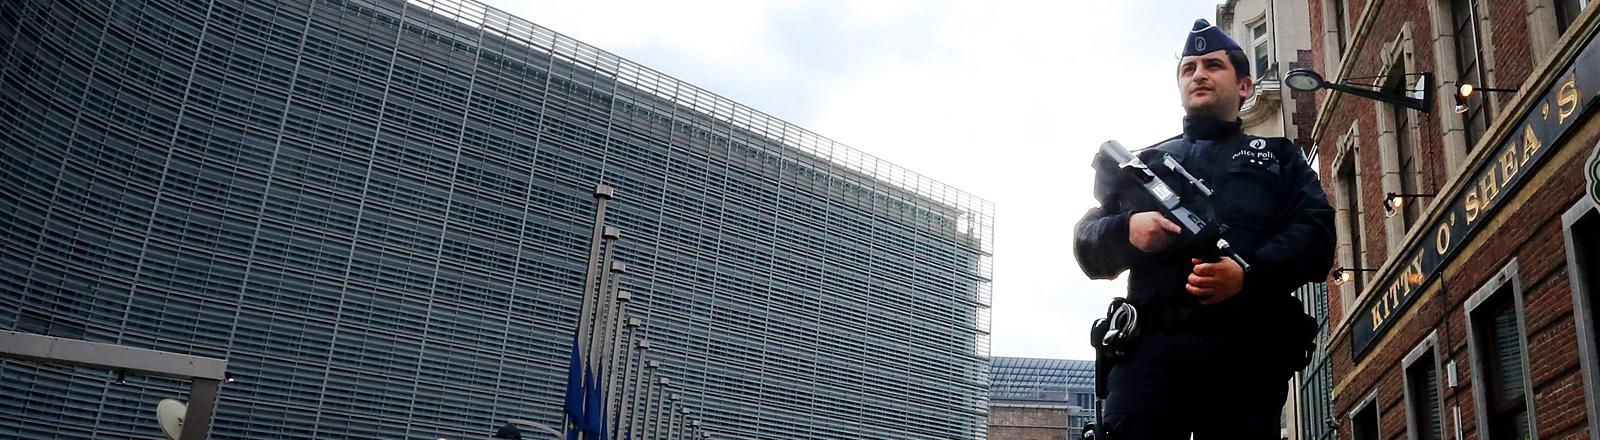 Ein bewaffneter Polizist in der im EU-Viertel in Brüssel.